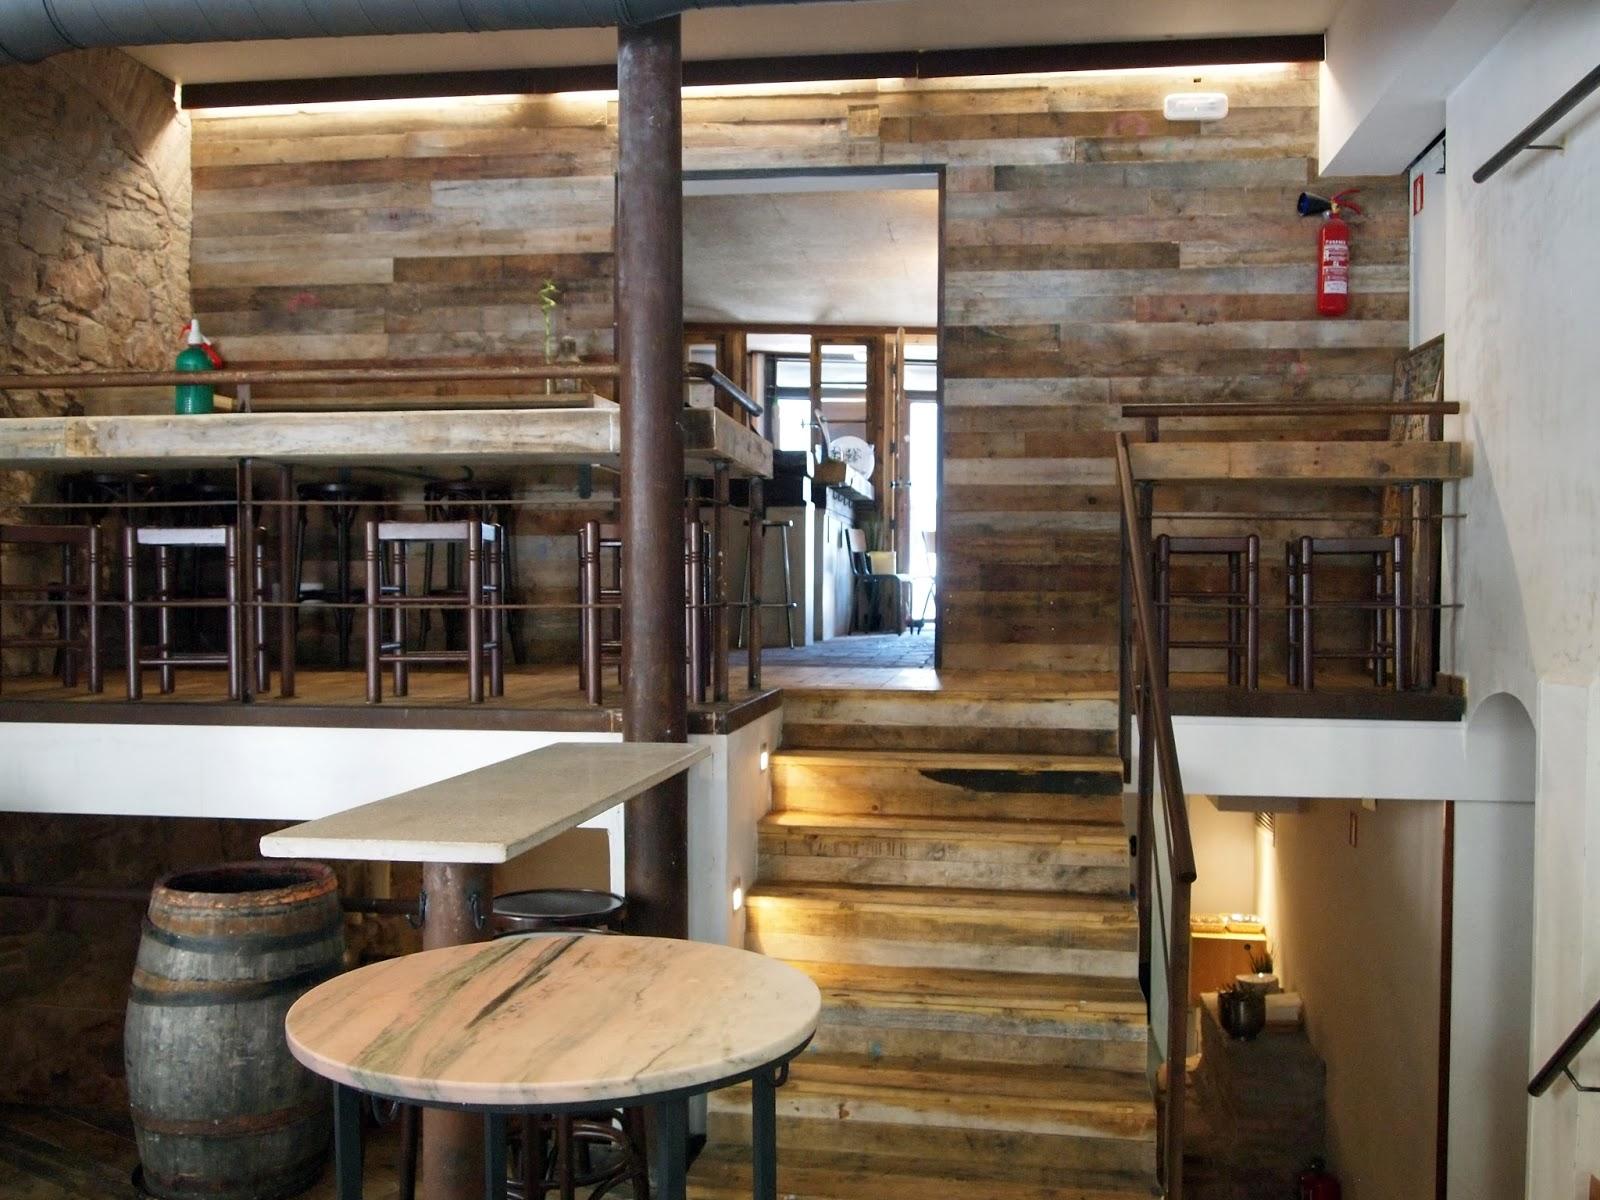 Bormuth bormuth bar restaurant - Material para bares ...